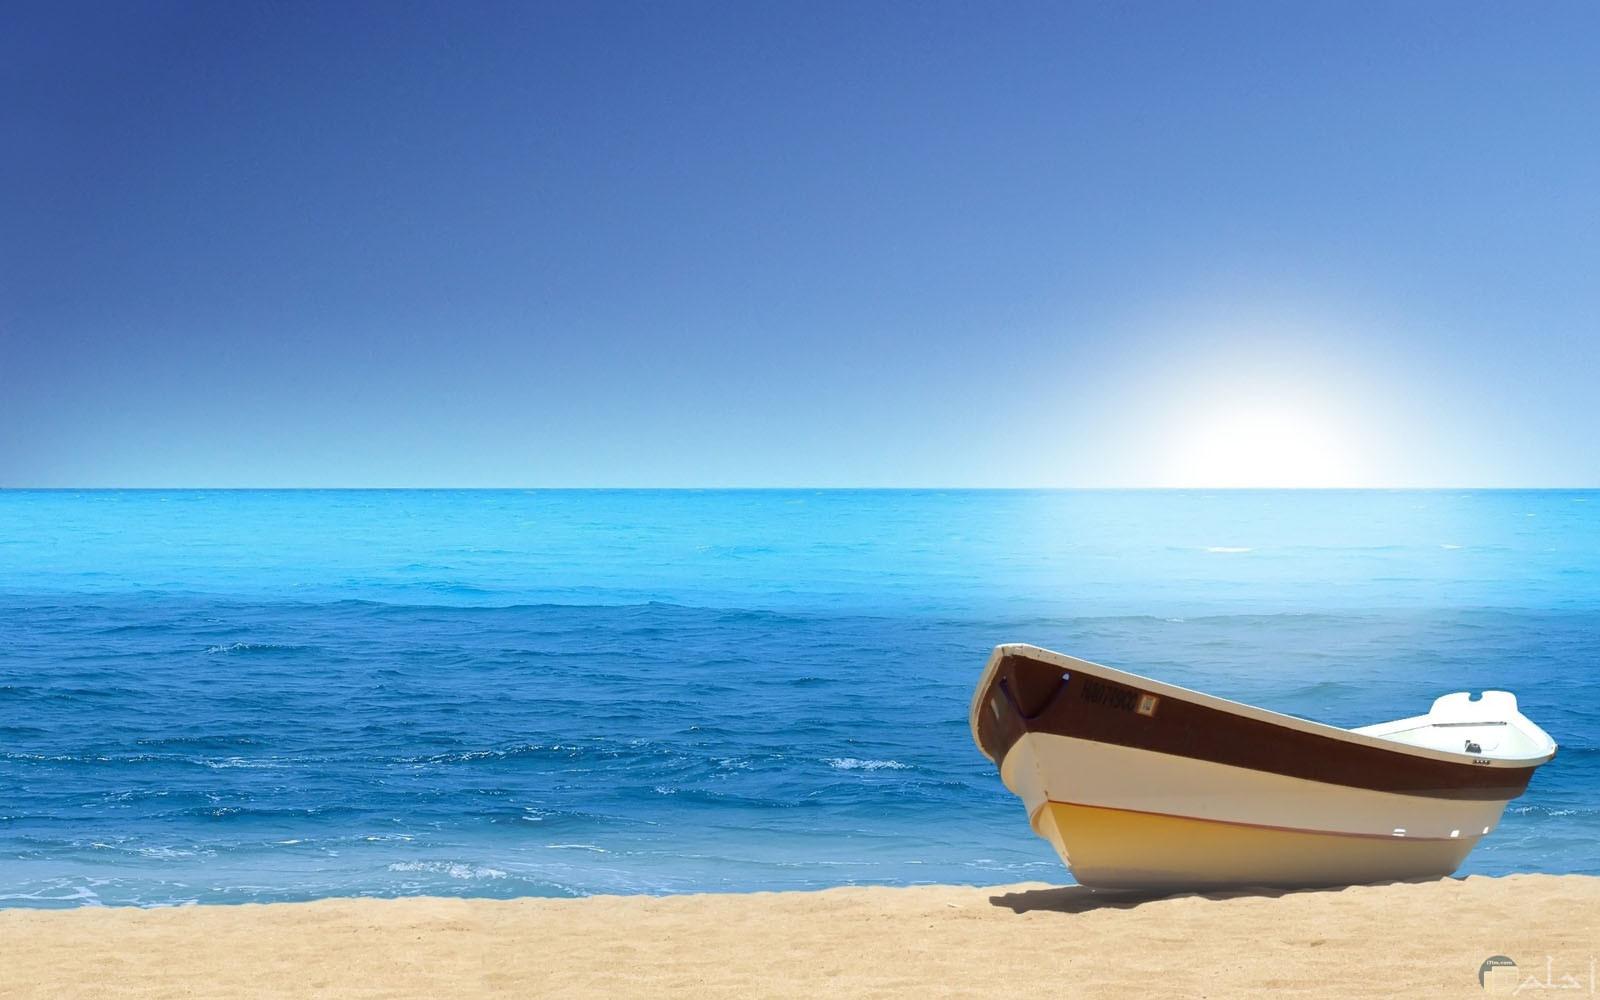 شاطئ على جزيرة بها مركب صغير